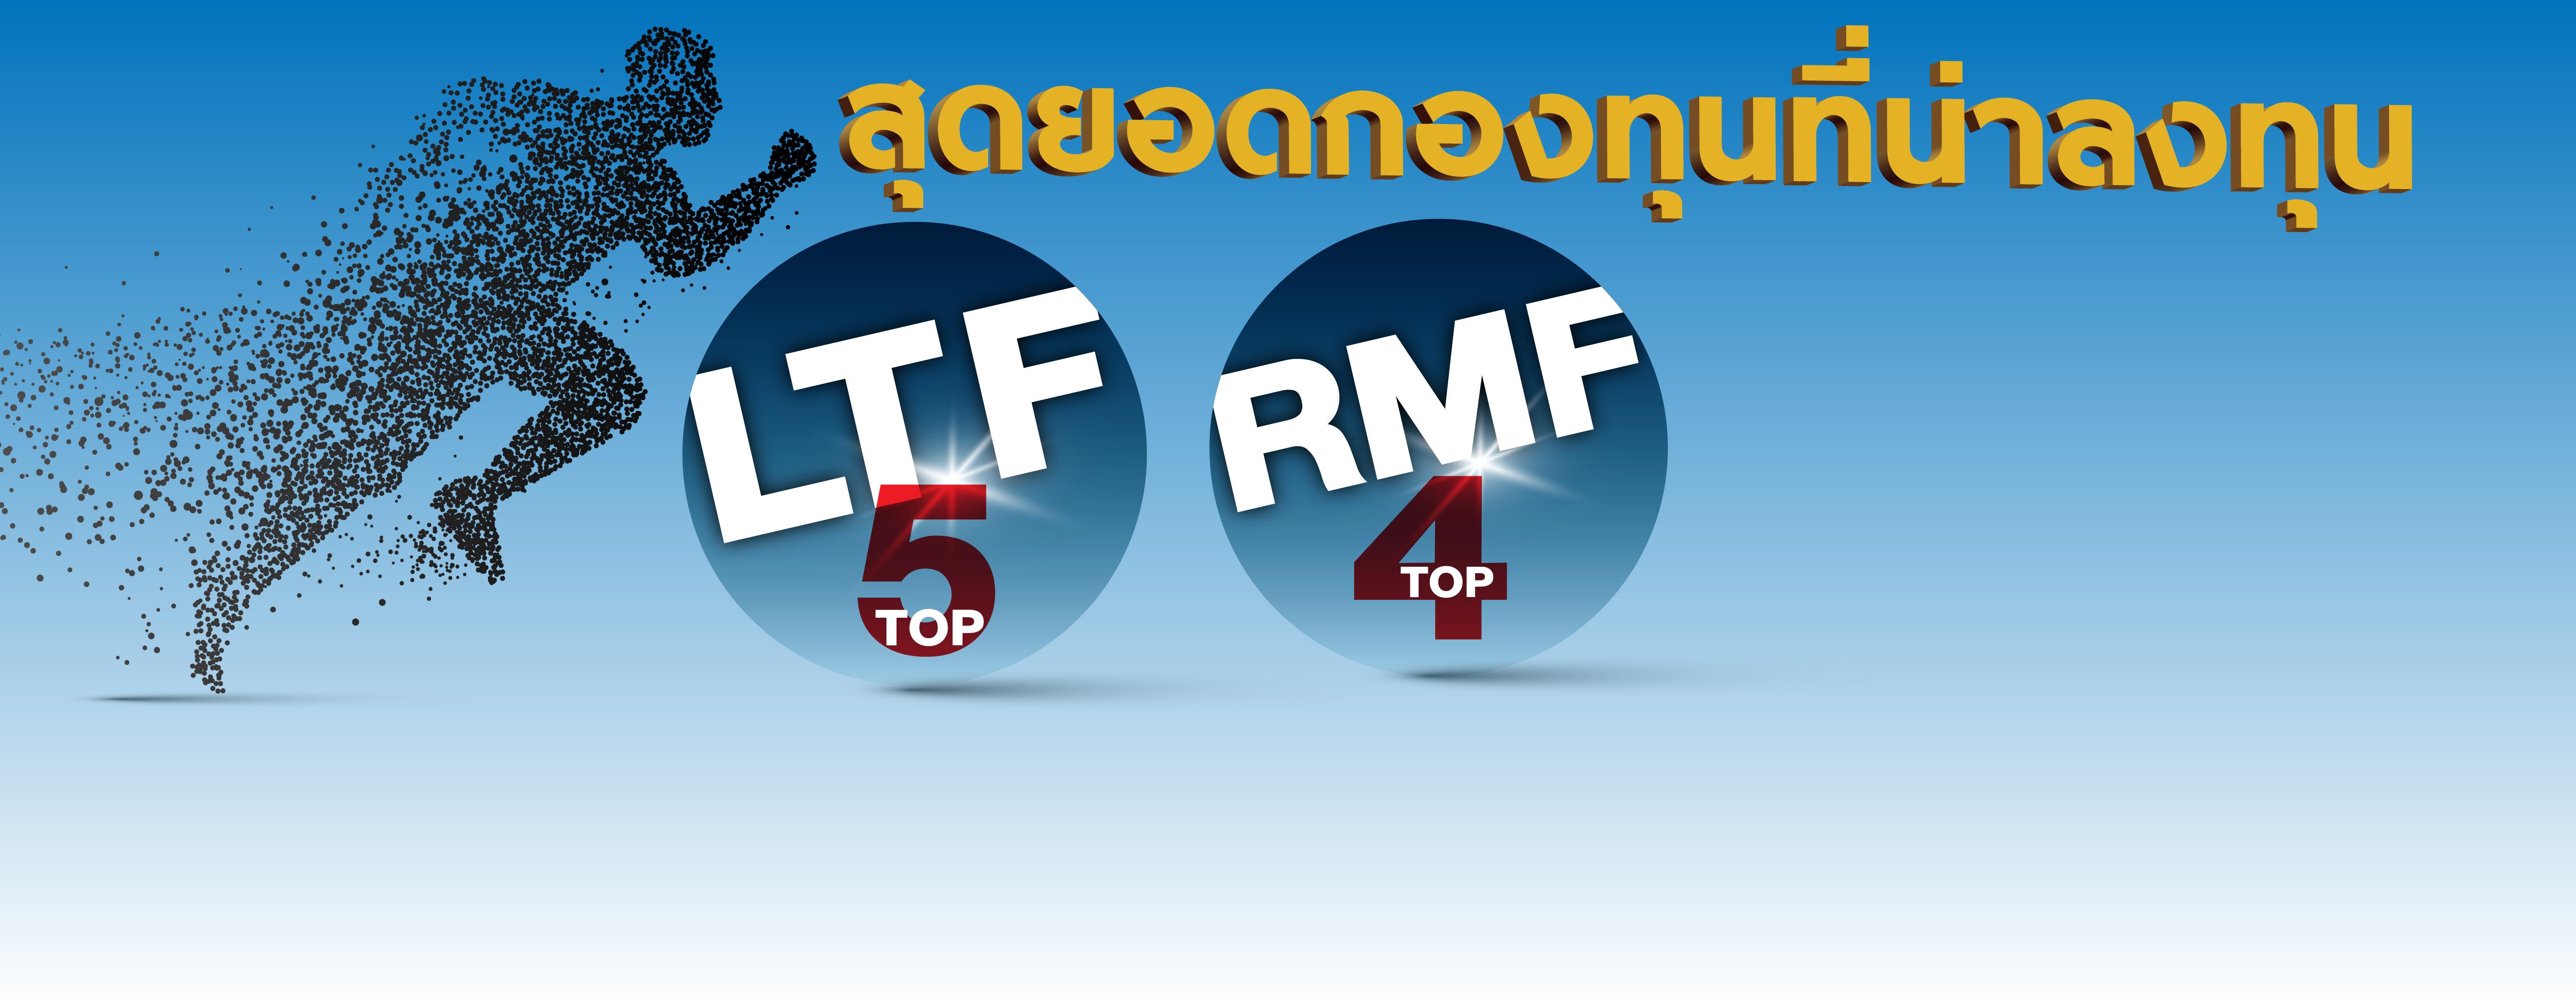 Top5 LTF และหุ้นไทย RMF น่าลงทุนประจำเดือนพฤษภาคม 2562